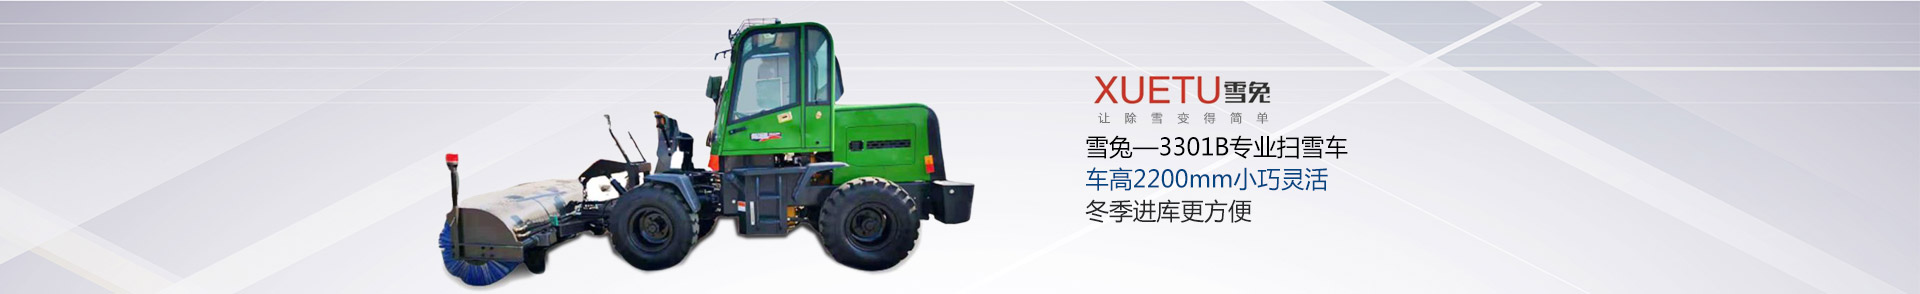 吉林省万新科技有限公司